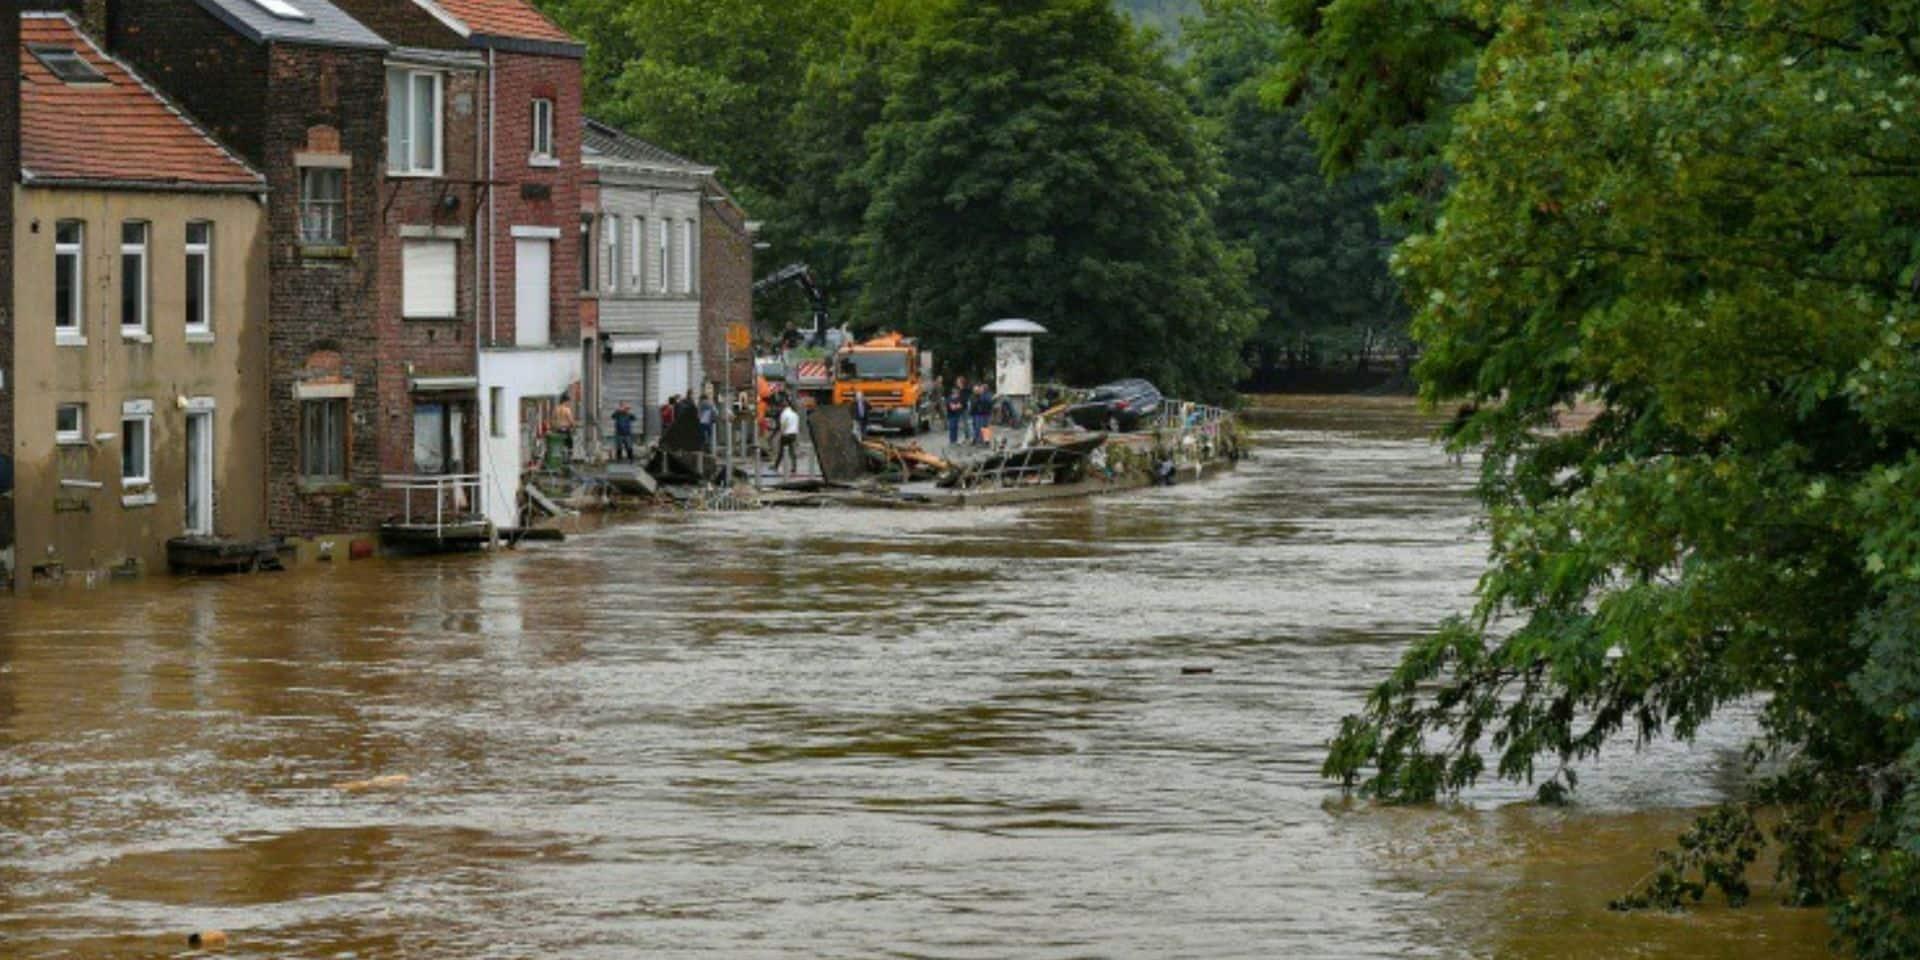 Une collecte d'appareils électroménagers lancée en faveur des victimes des inondations